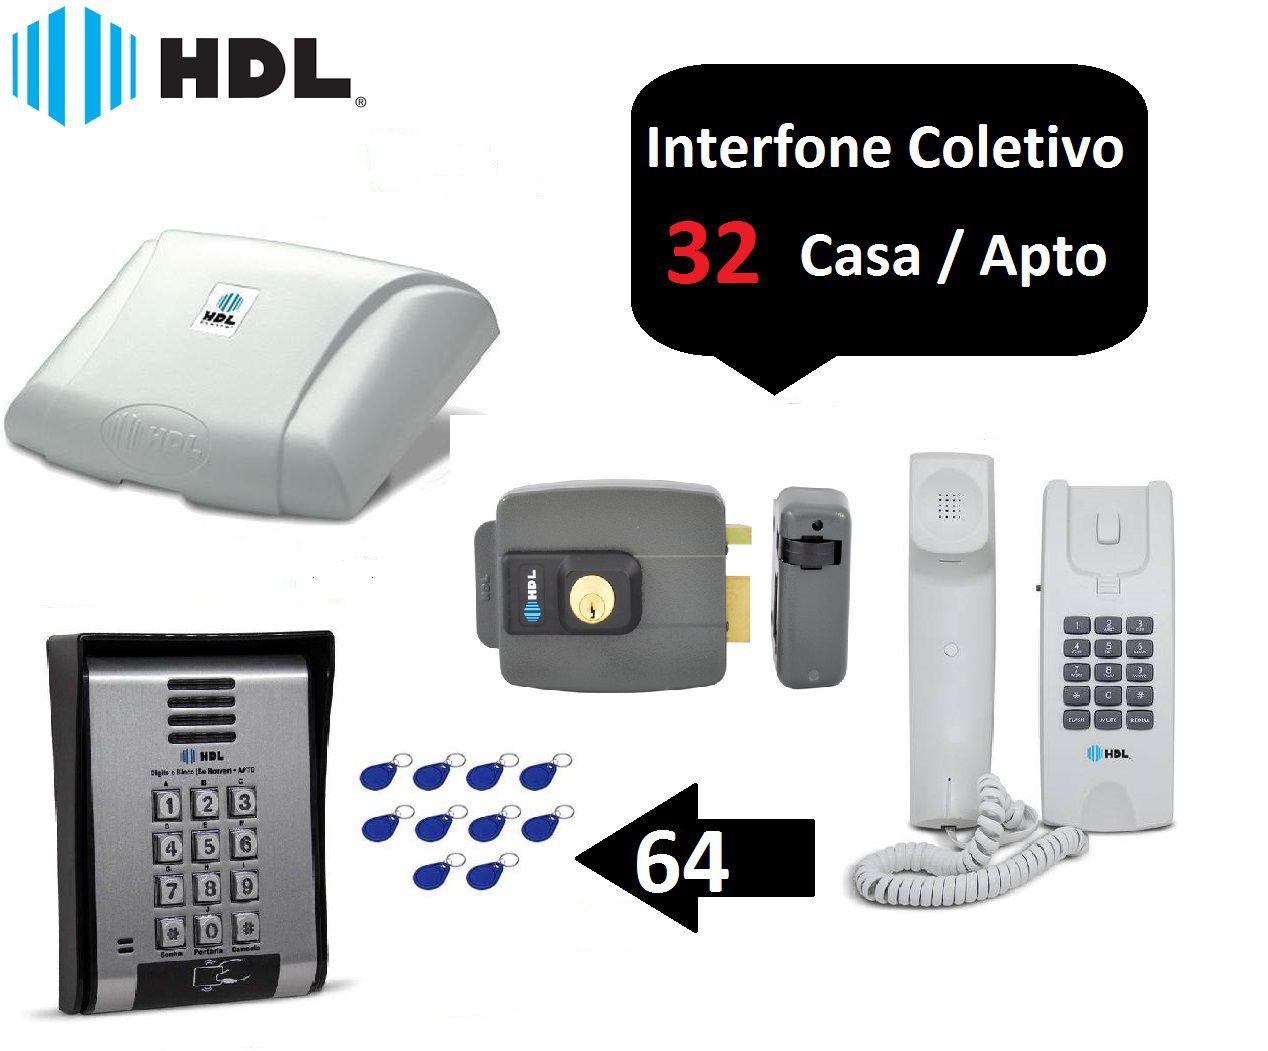 Porteiro Coletivo 32 Ponto Fechadura Controle De Acesso Hdl +64 TGS